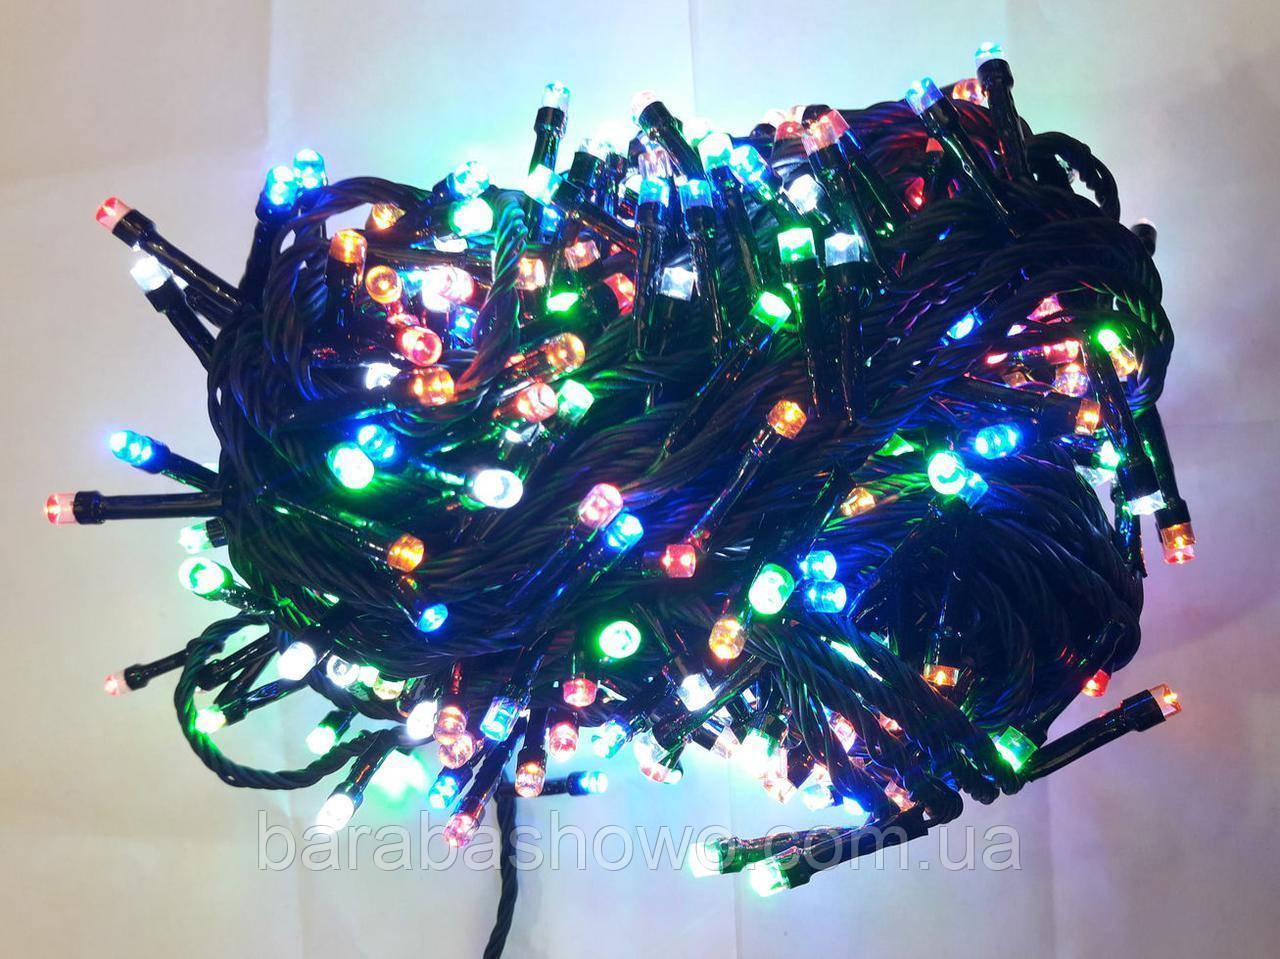 Гірлянда 400 LED 5mm, на чорному проводі, Різнокольорова